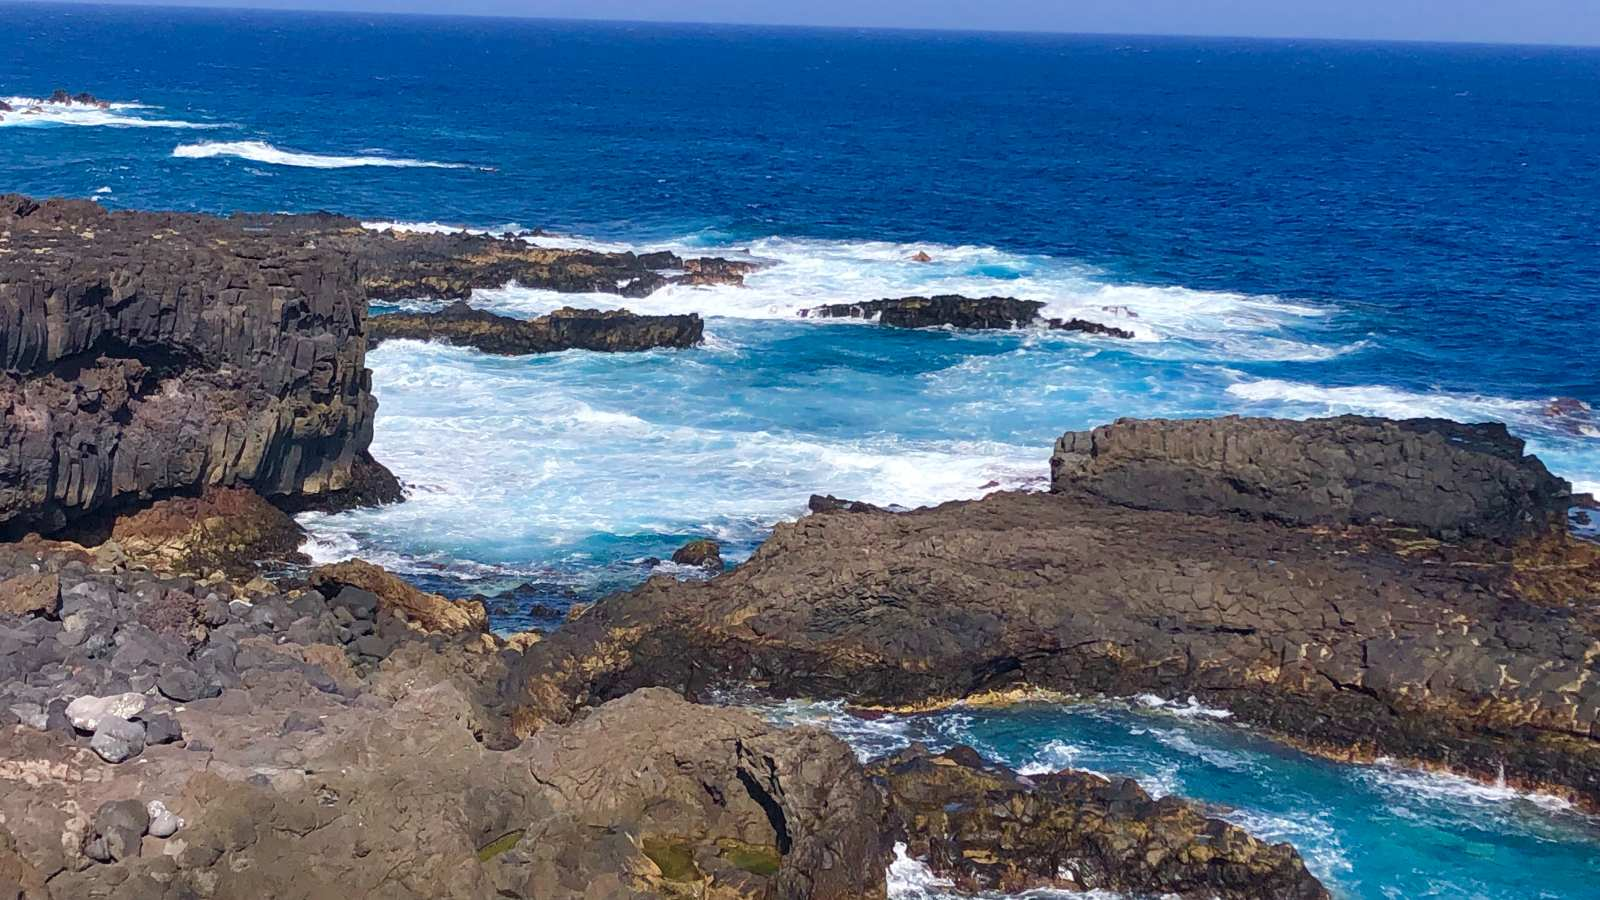 Magma que alcanzó el mar formando el nuevo litoral